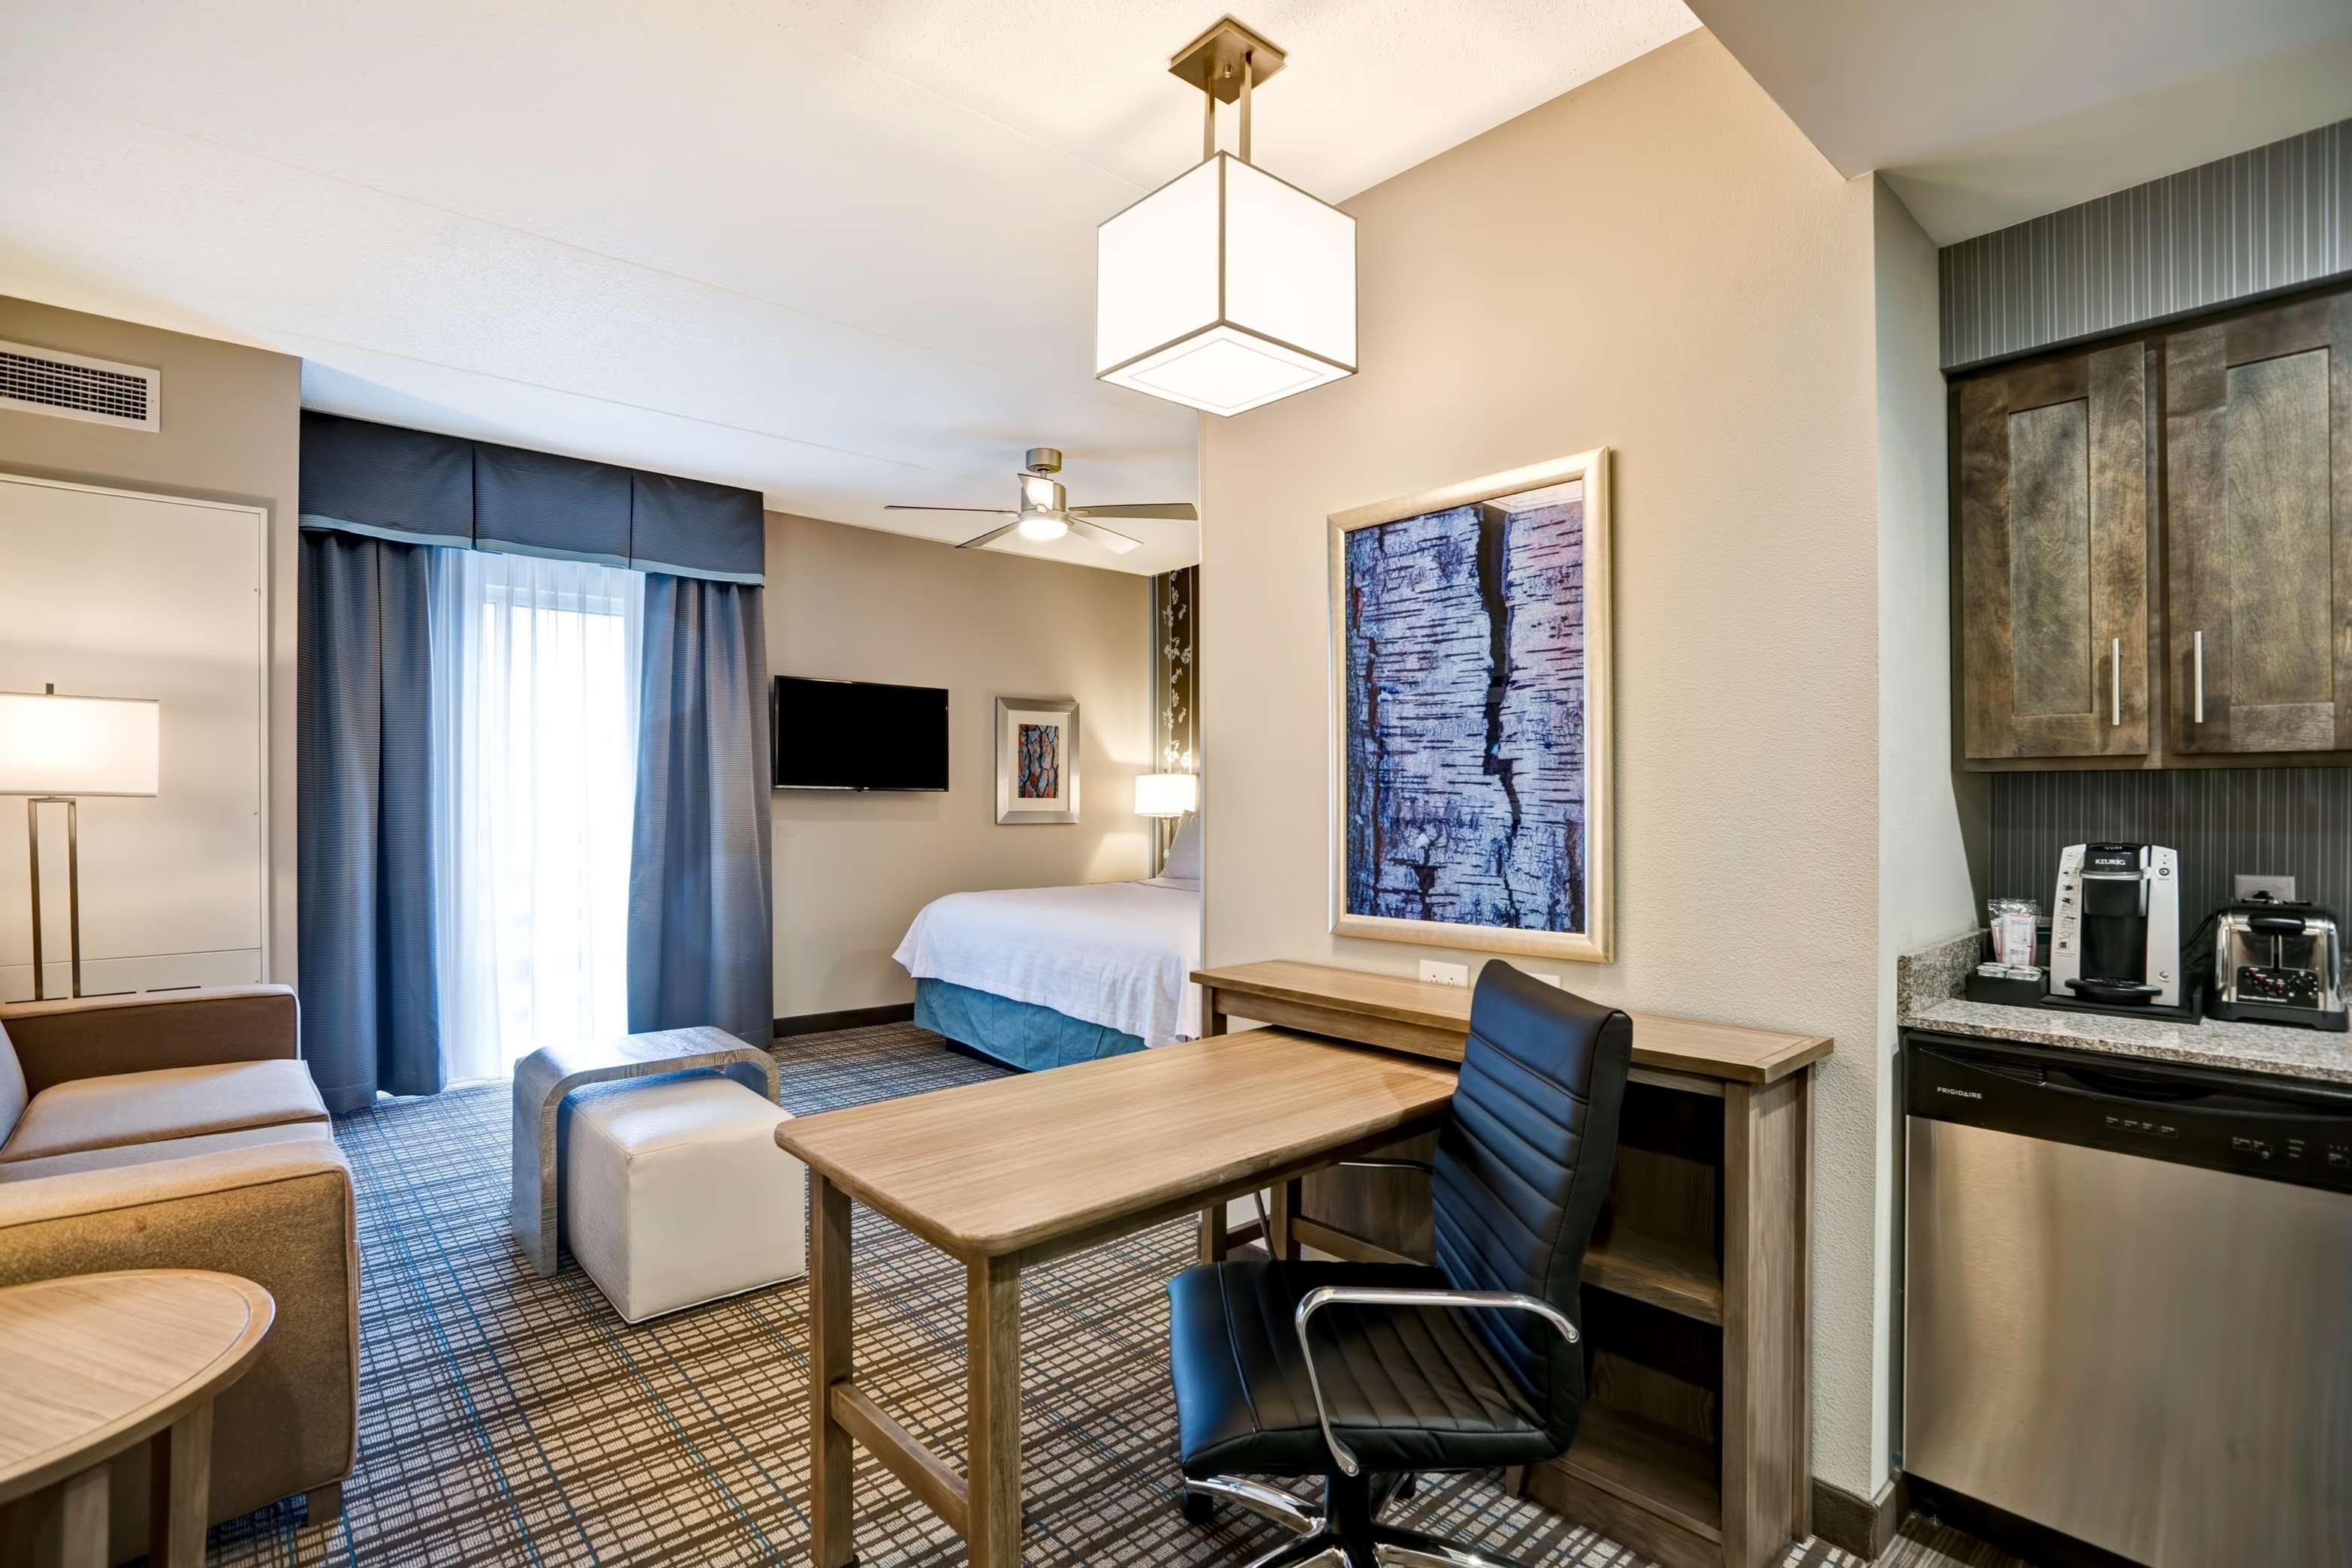 Homewood Suites by Hilton Nashville Franklin Cool Springs image 10